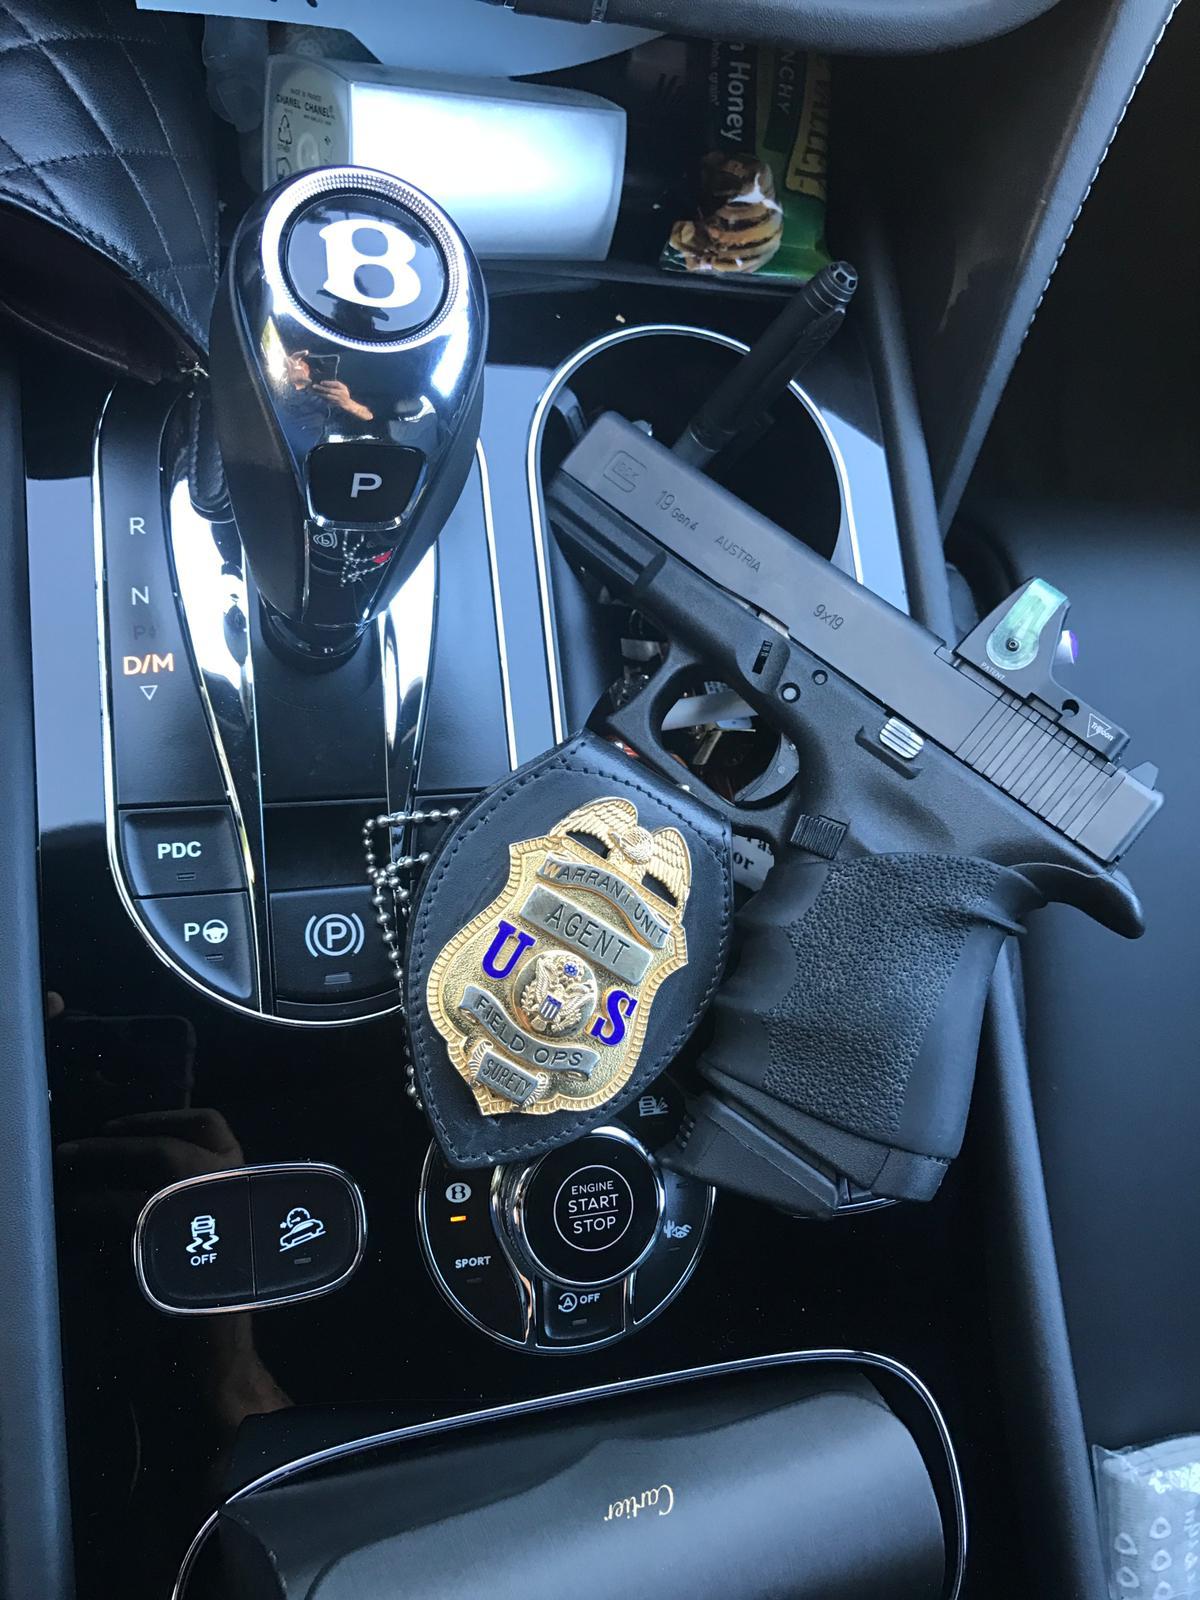 Tactopsusa Protection Agent Miami Florida